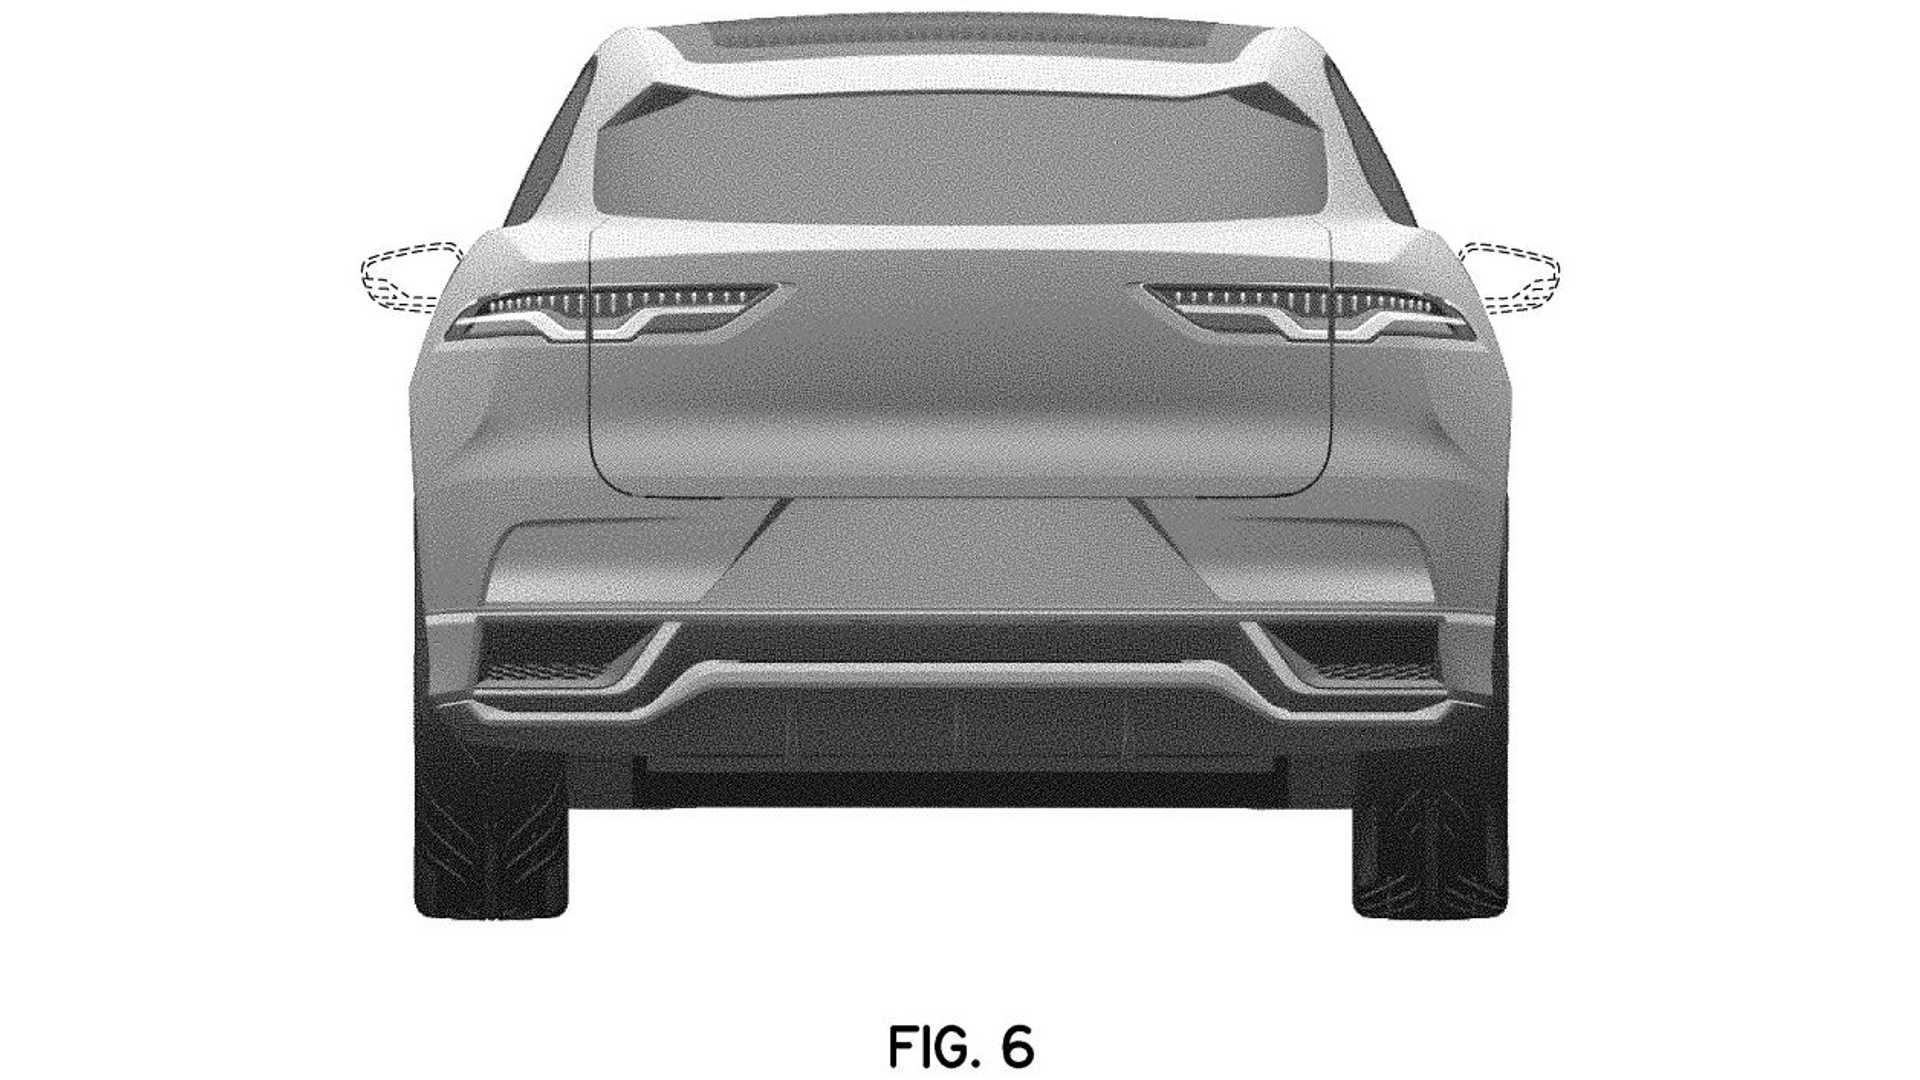 Jaguar-I-Pace-facelift-3